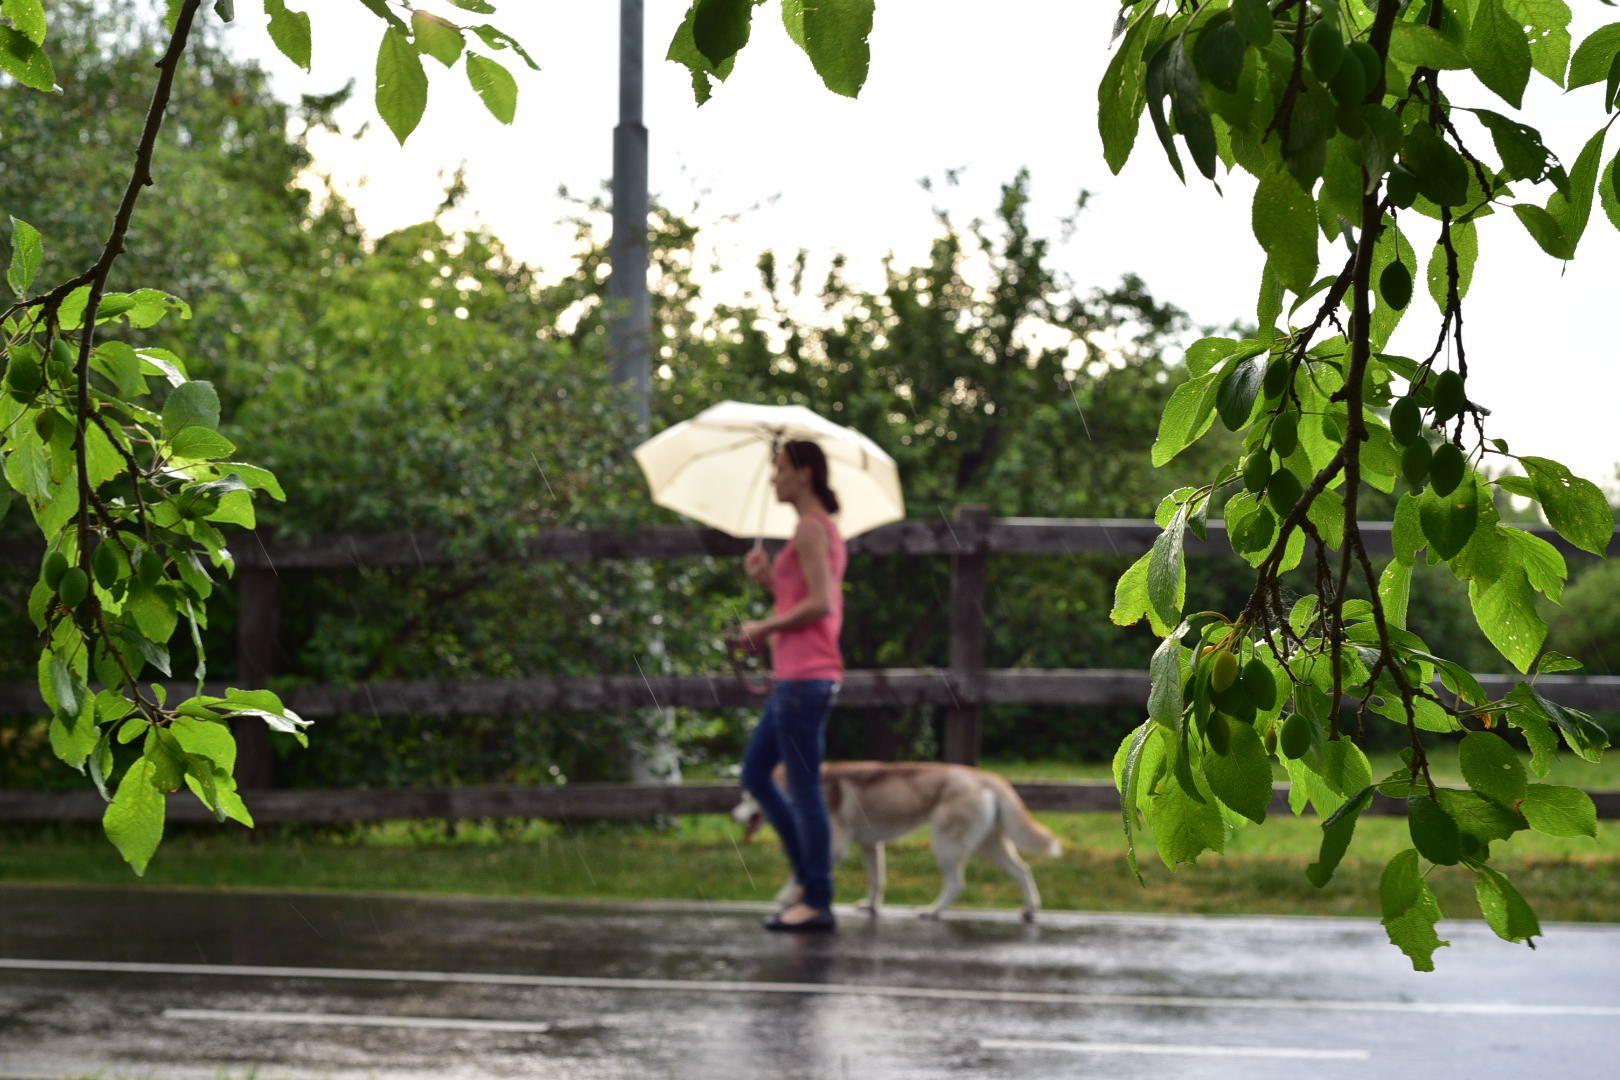 Москвичей ждет теплая и дождливая погода в воскресенье